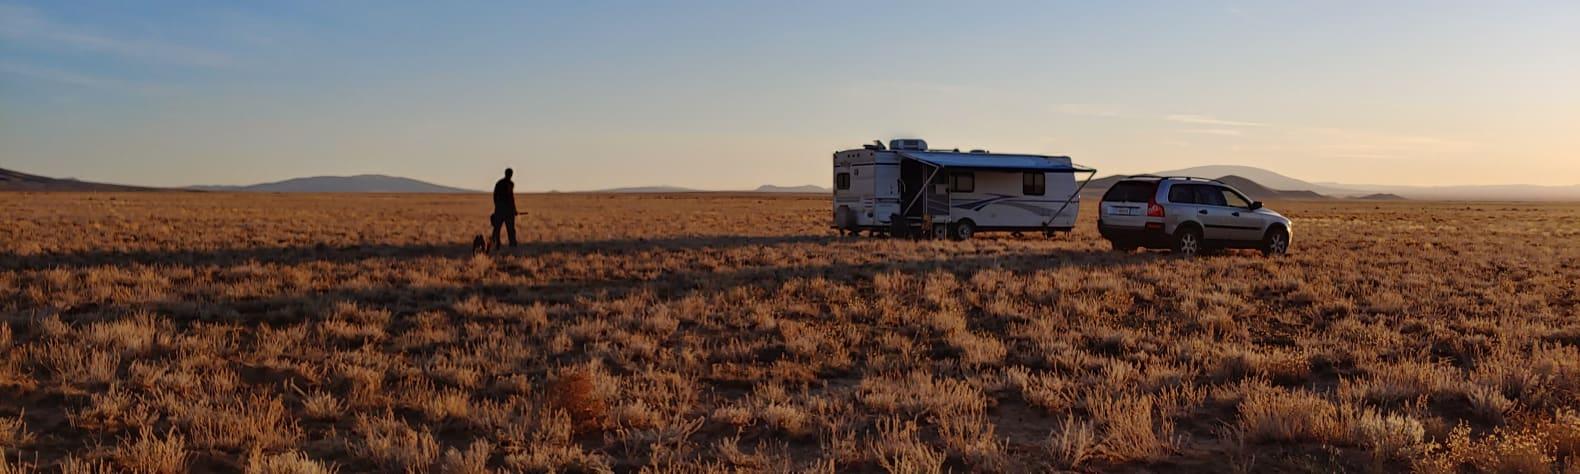 Zen Ranch Campsites